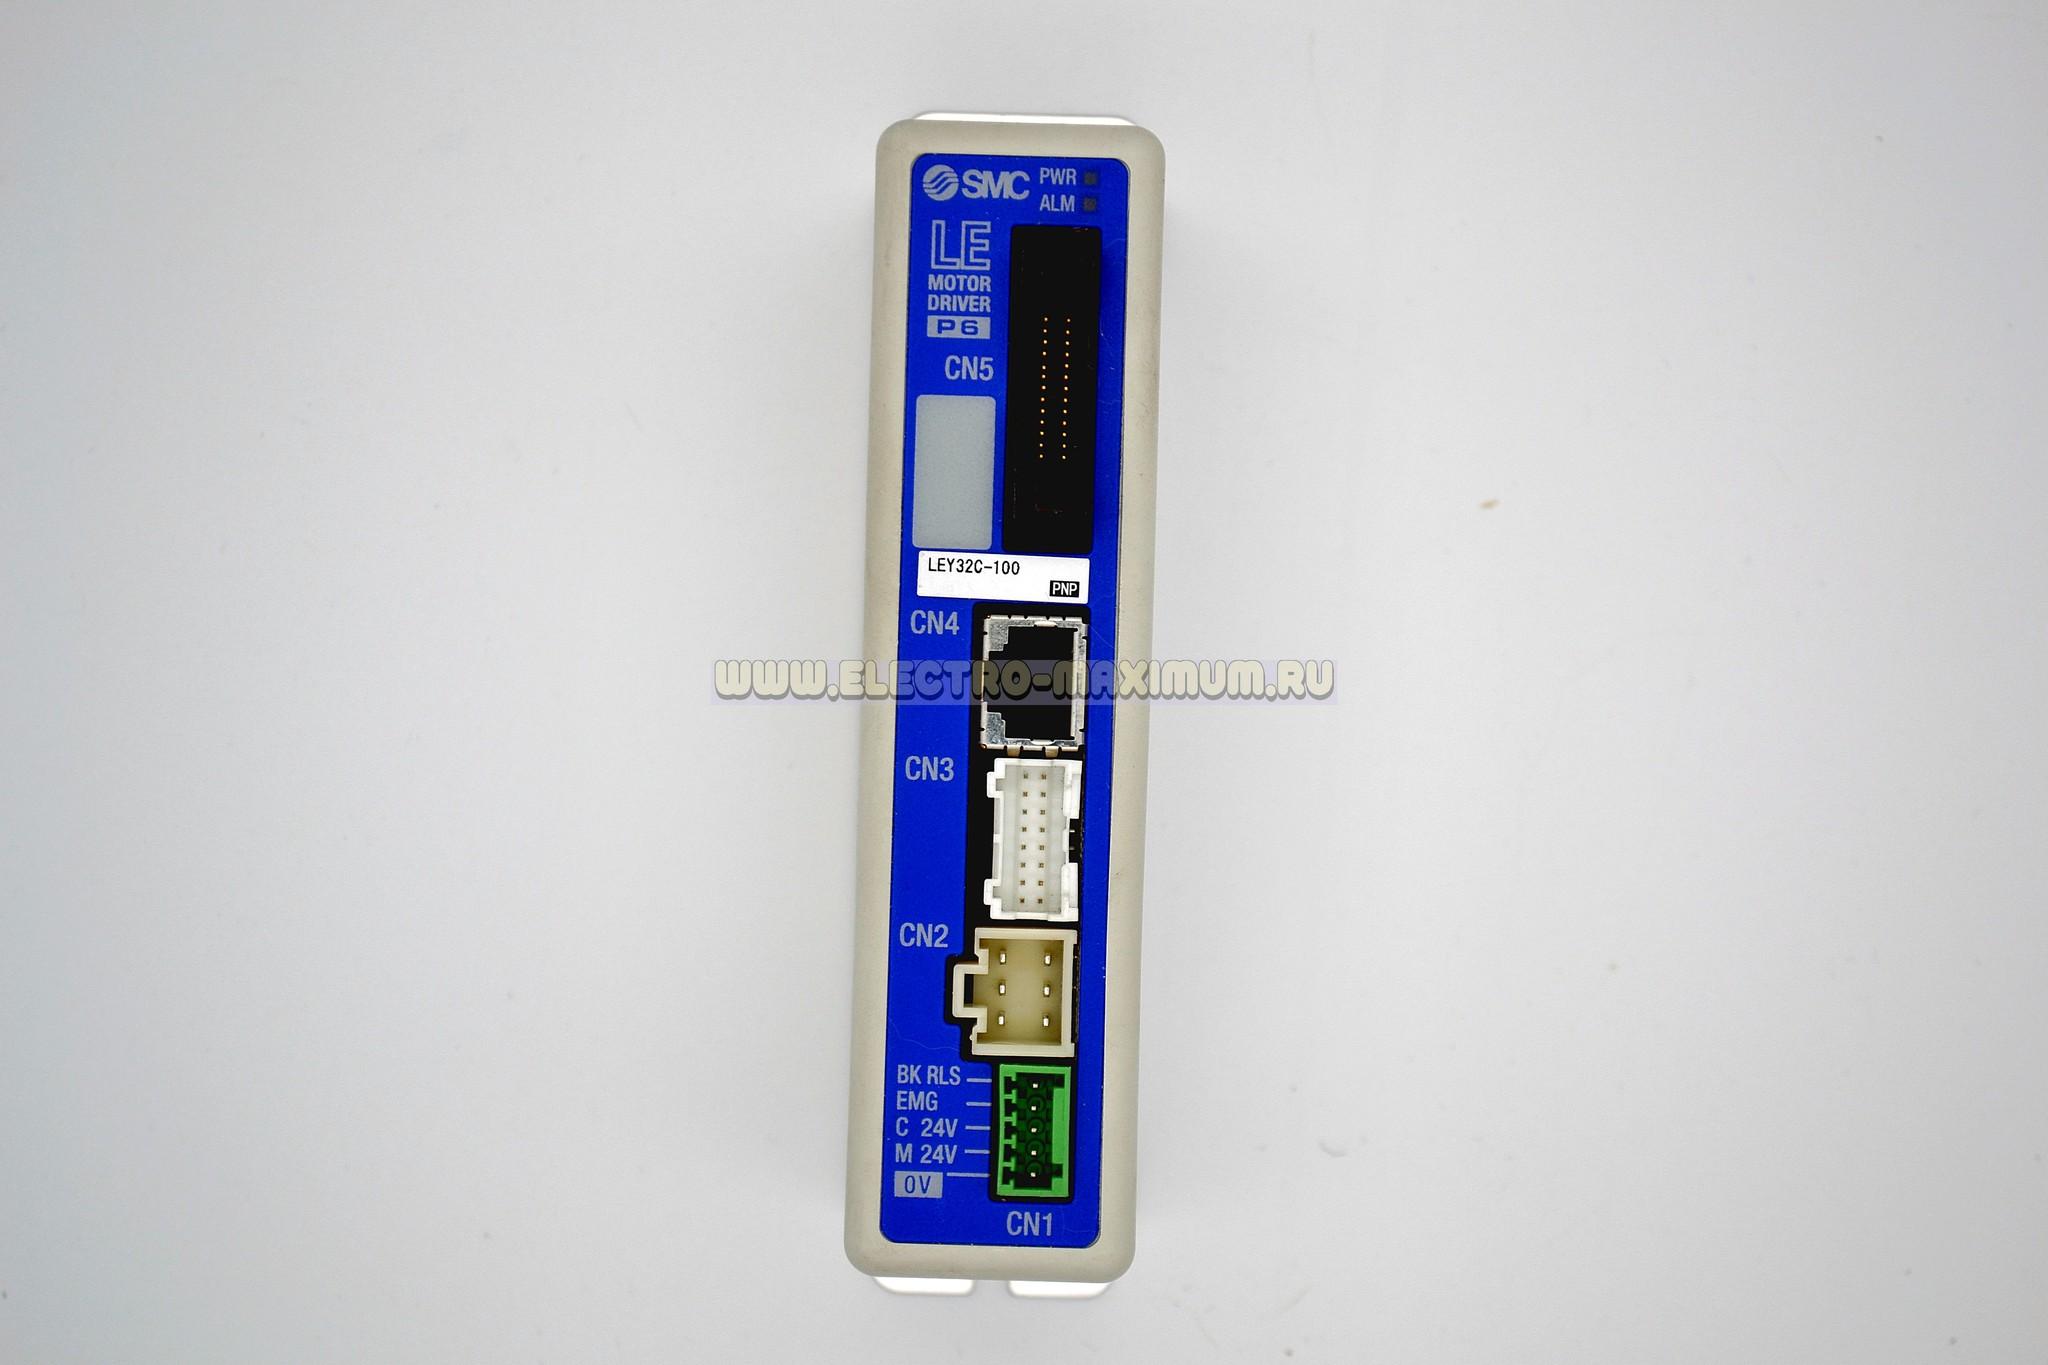 Контроллер шагового двигателя SMC LECP6P1D-LEY32C-100